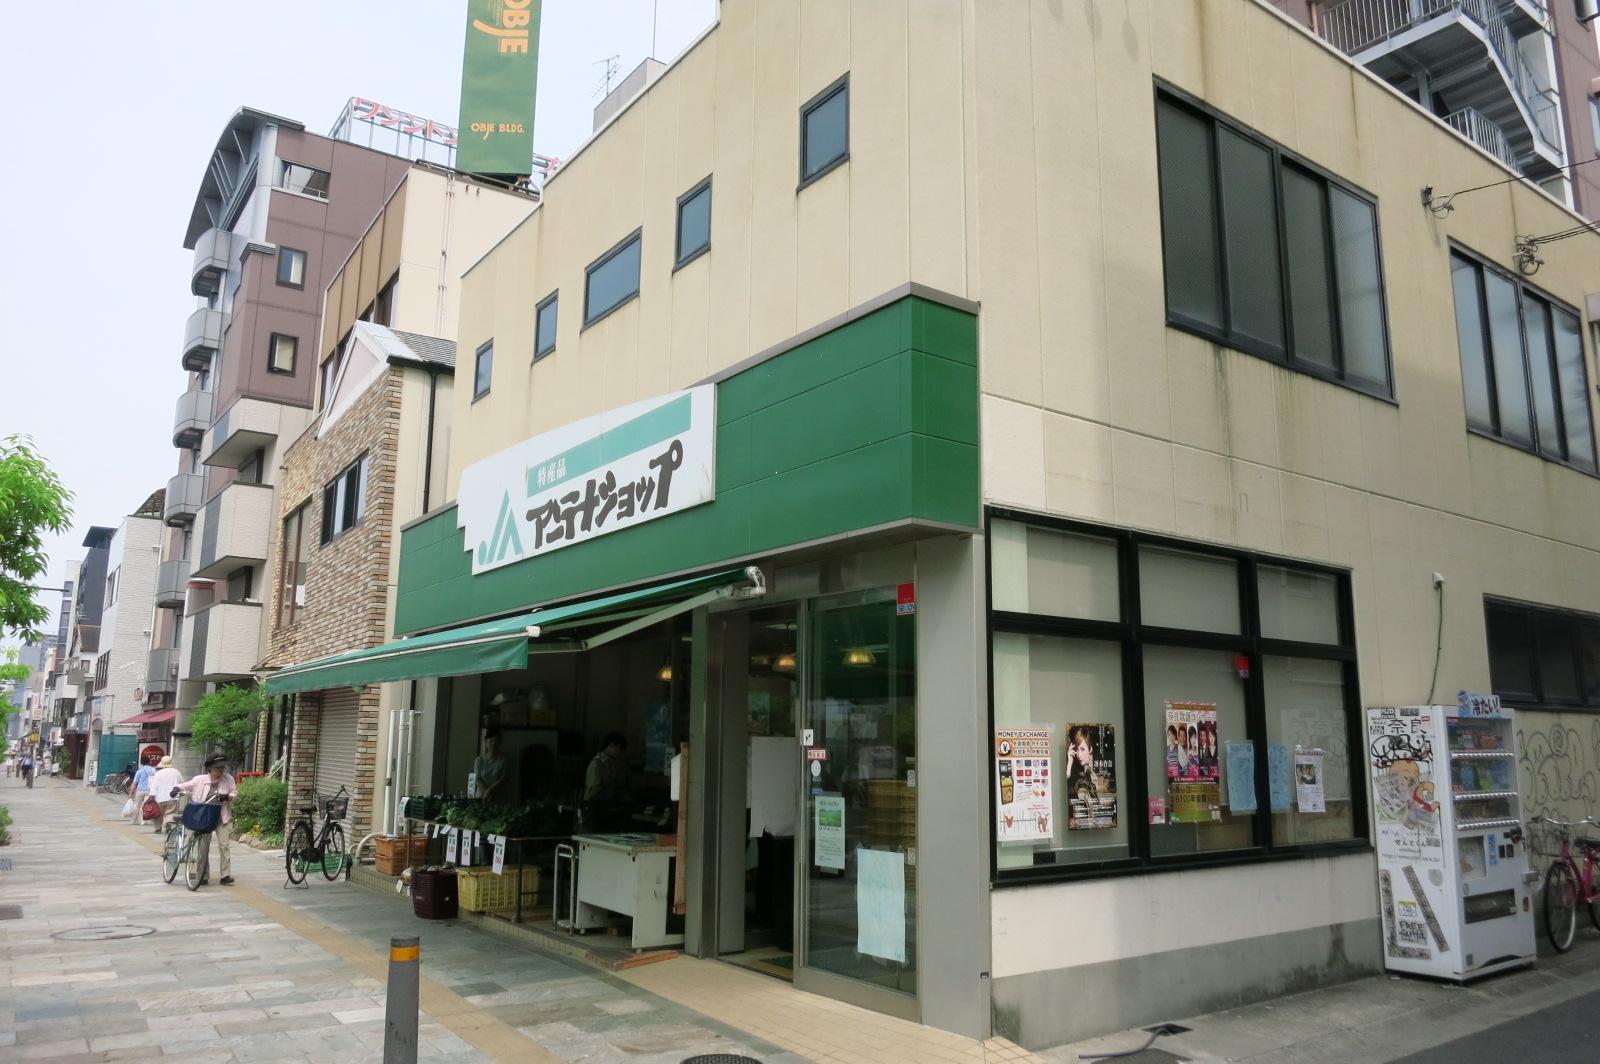 アンテナショップには、奈良の特産品が数多く販売されていました。